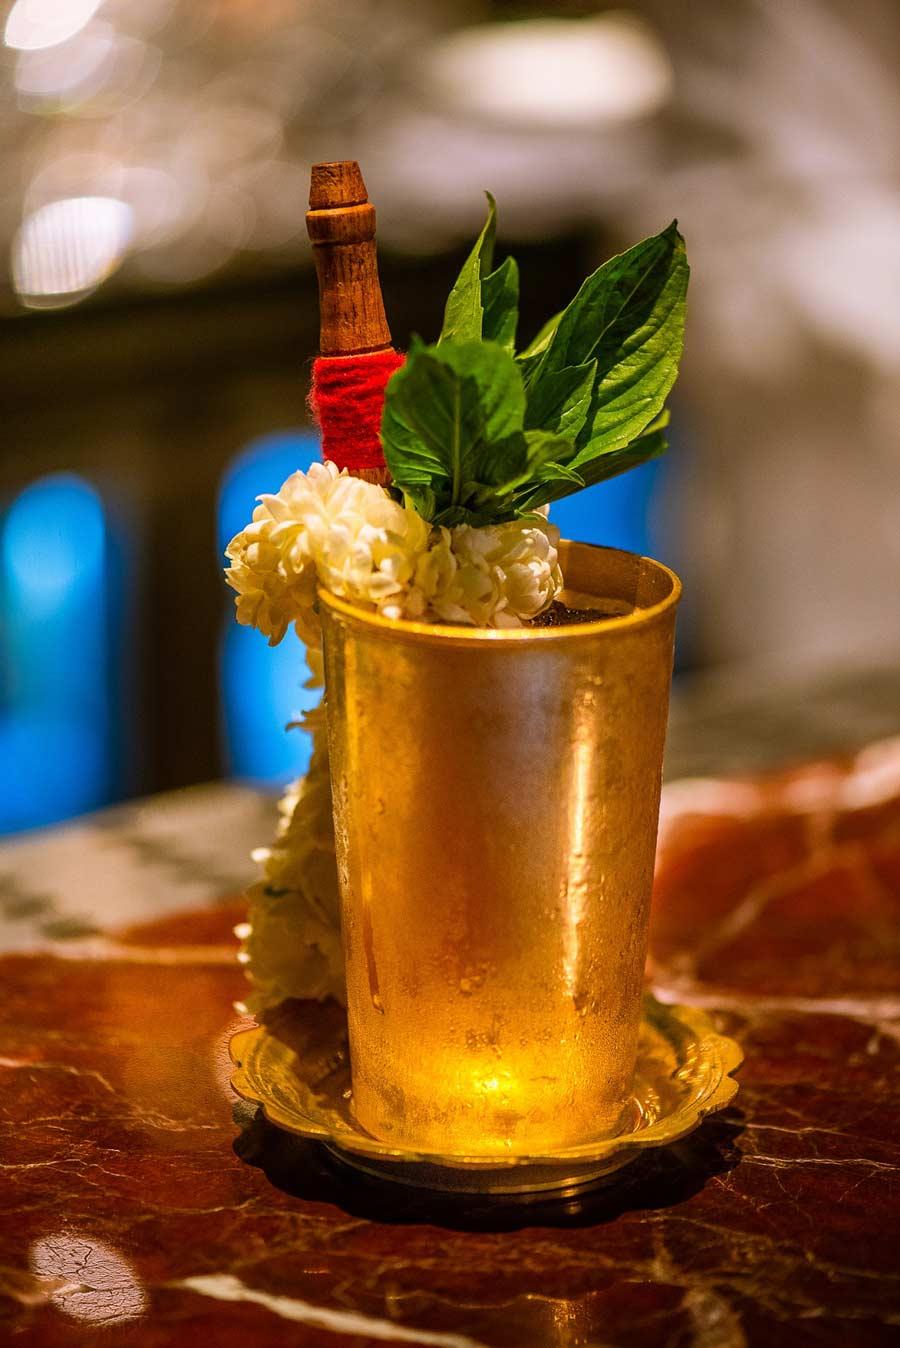 'ขุนศึก' ค็อกเทลที่ชนะการประกวดการแข่งขันจากงาน Mekhong Thai Spirit Cocktails 2017